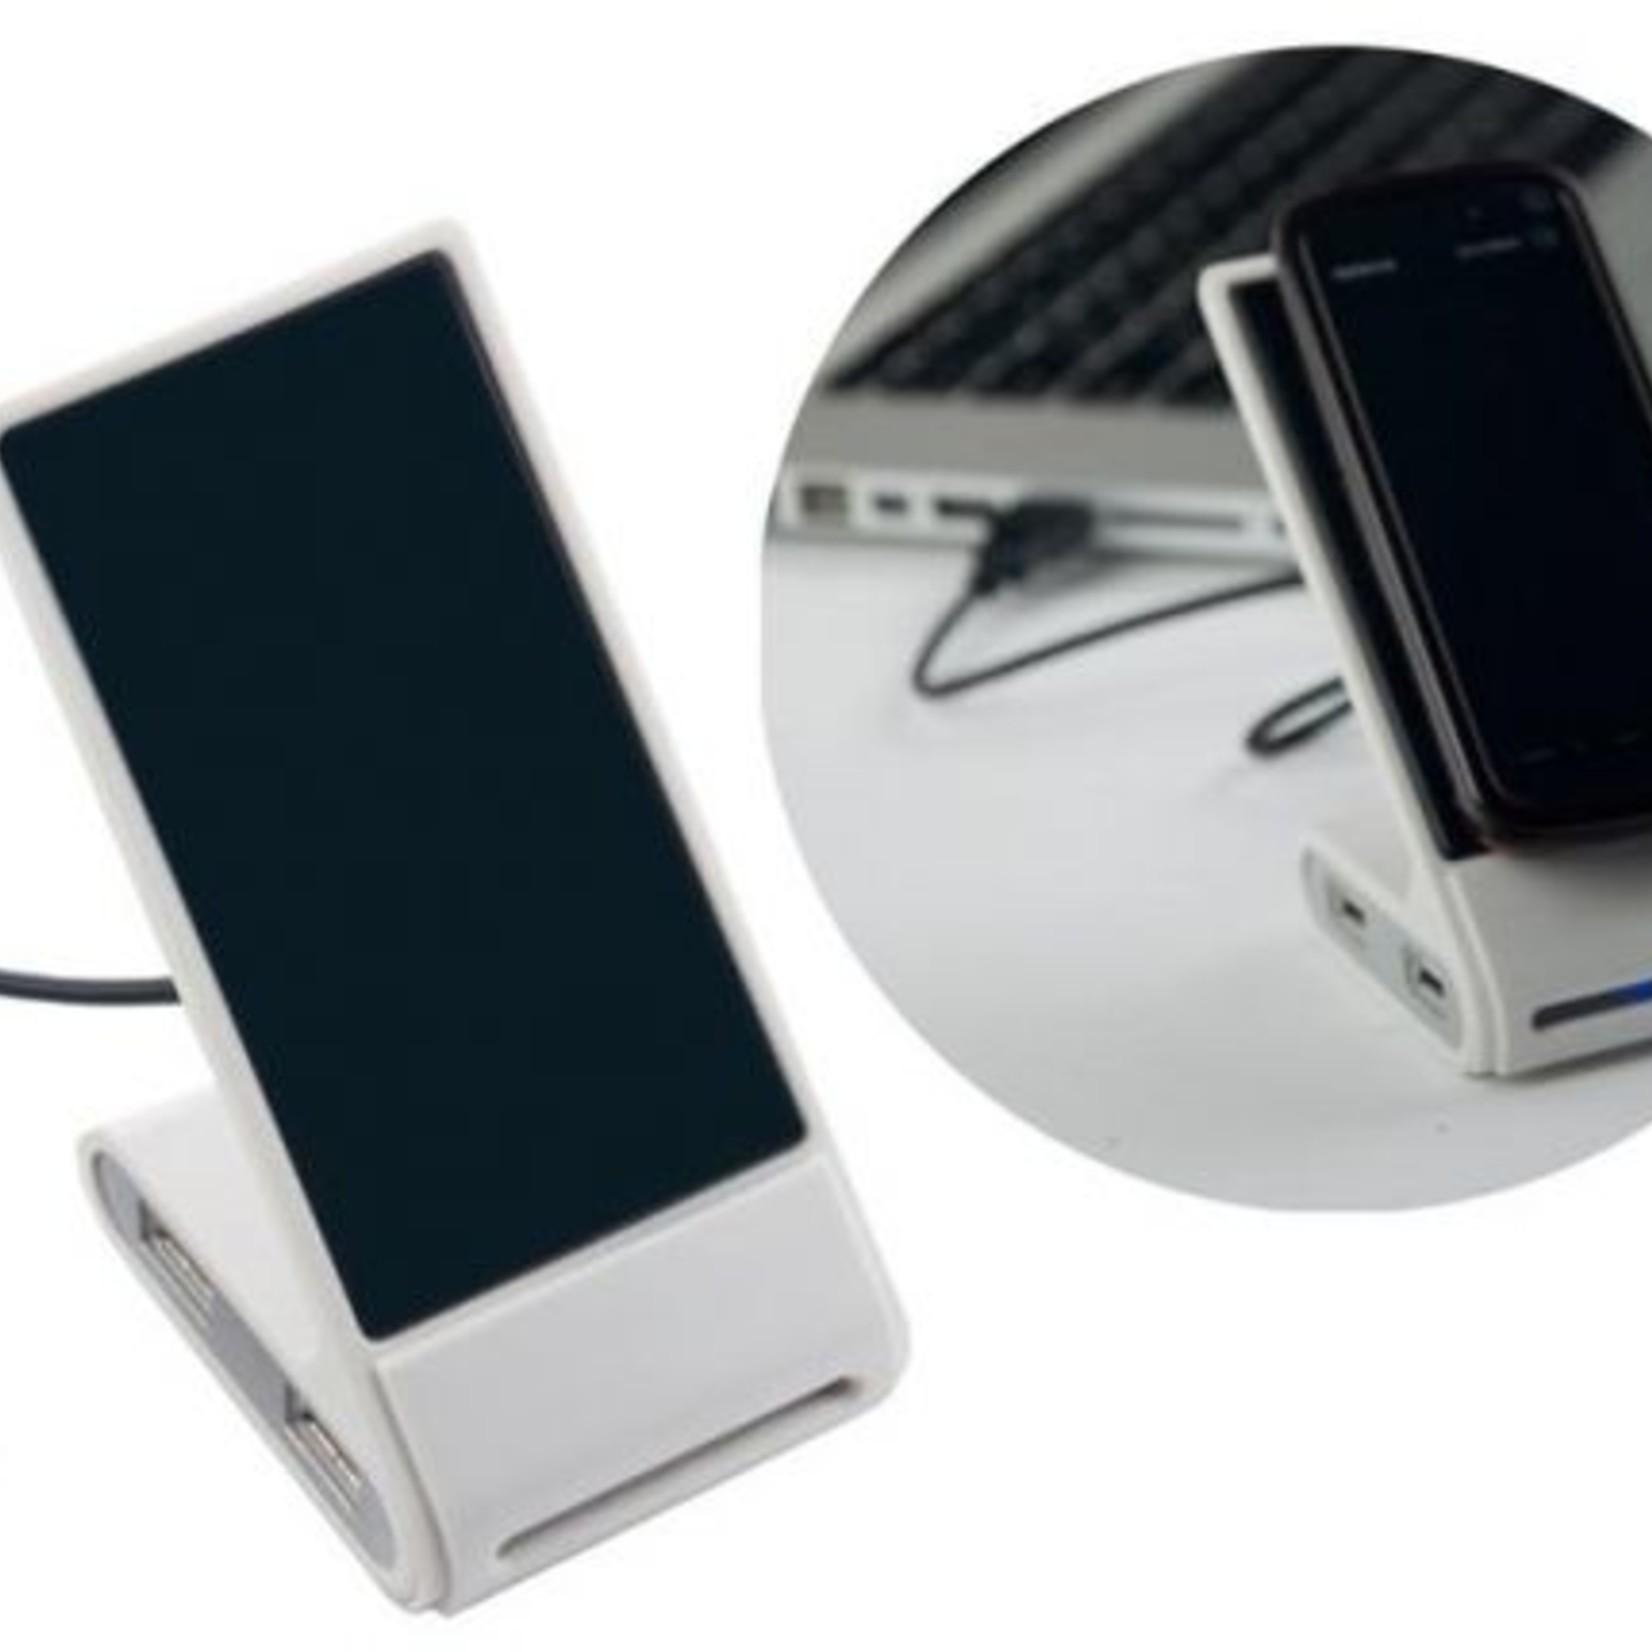 USB Hub met een handige standaard voor je mobiel. Hub heeft 4 USB 2.0 poortjes.